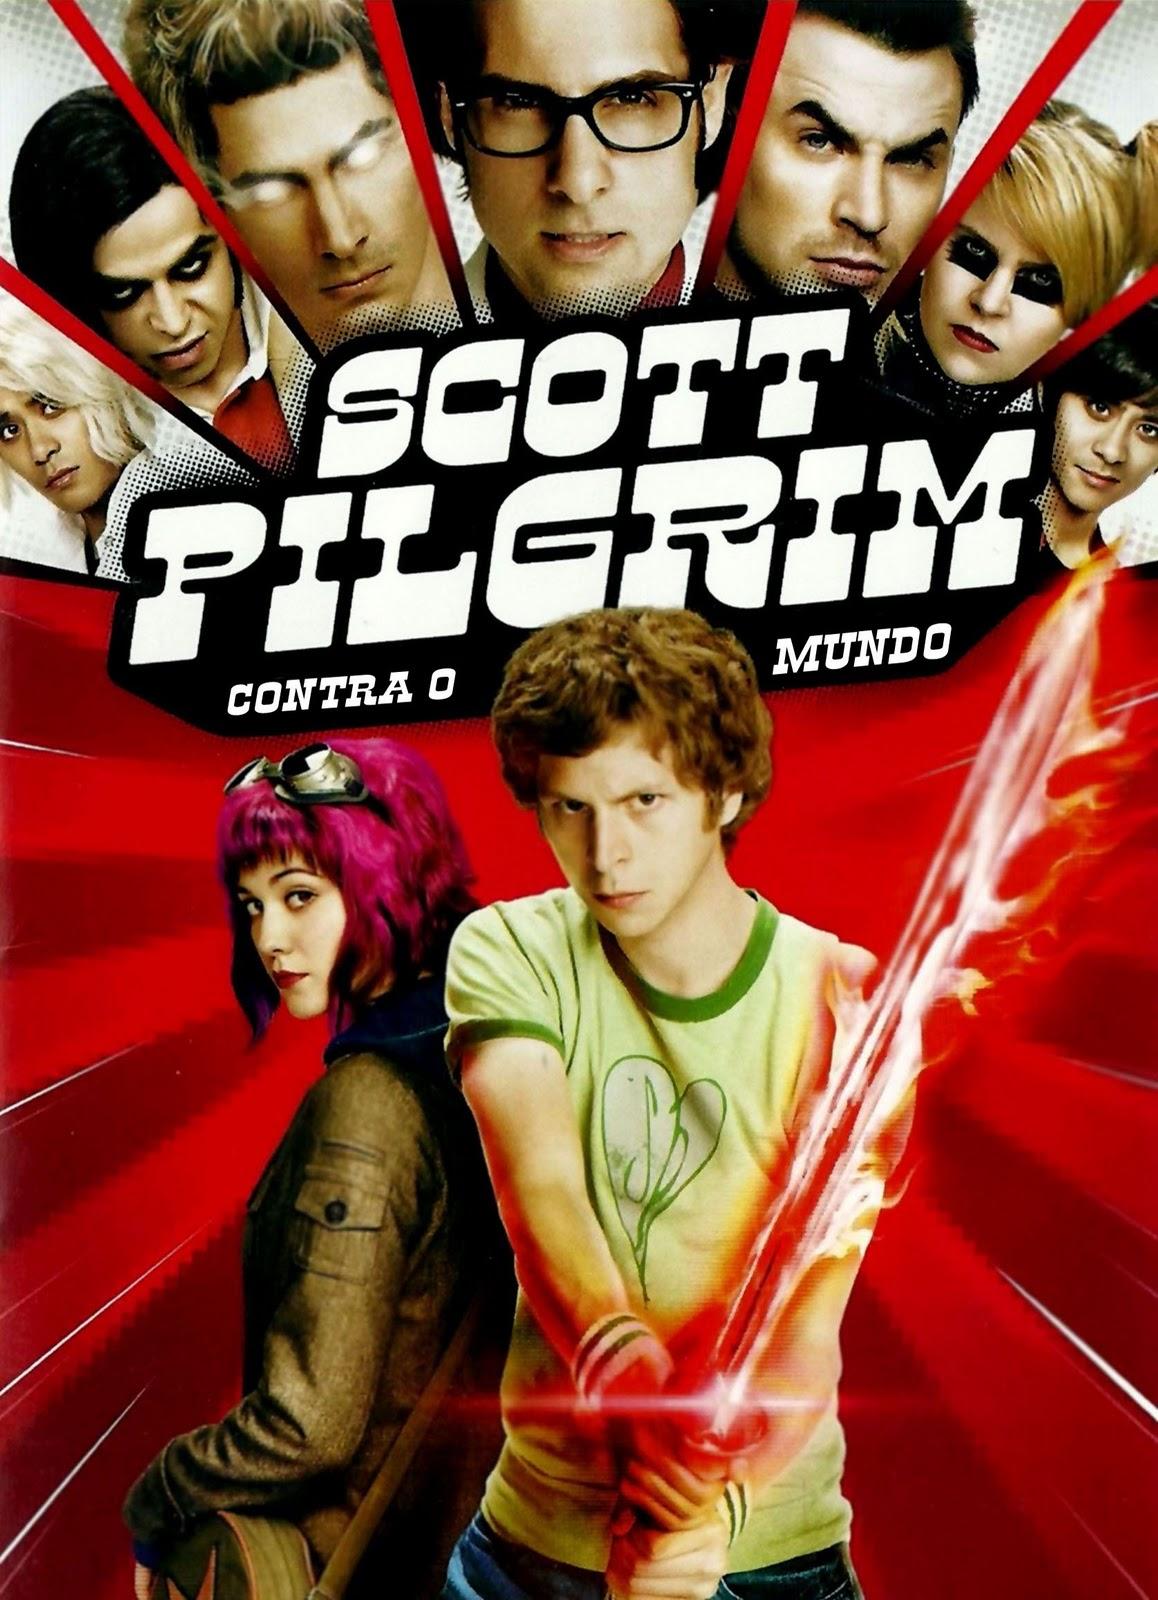 Emyjotace - Filmes e Seriados: SCOTT PILGRIM - CONTRA O MUNDO